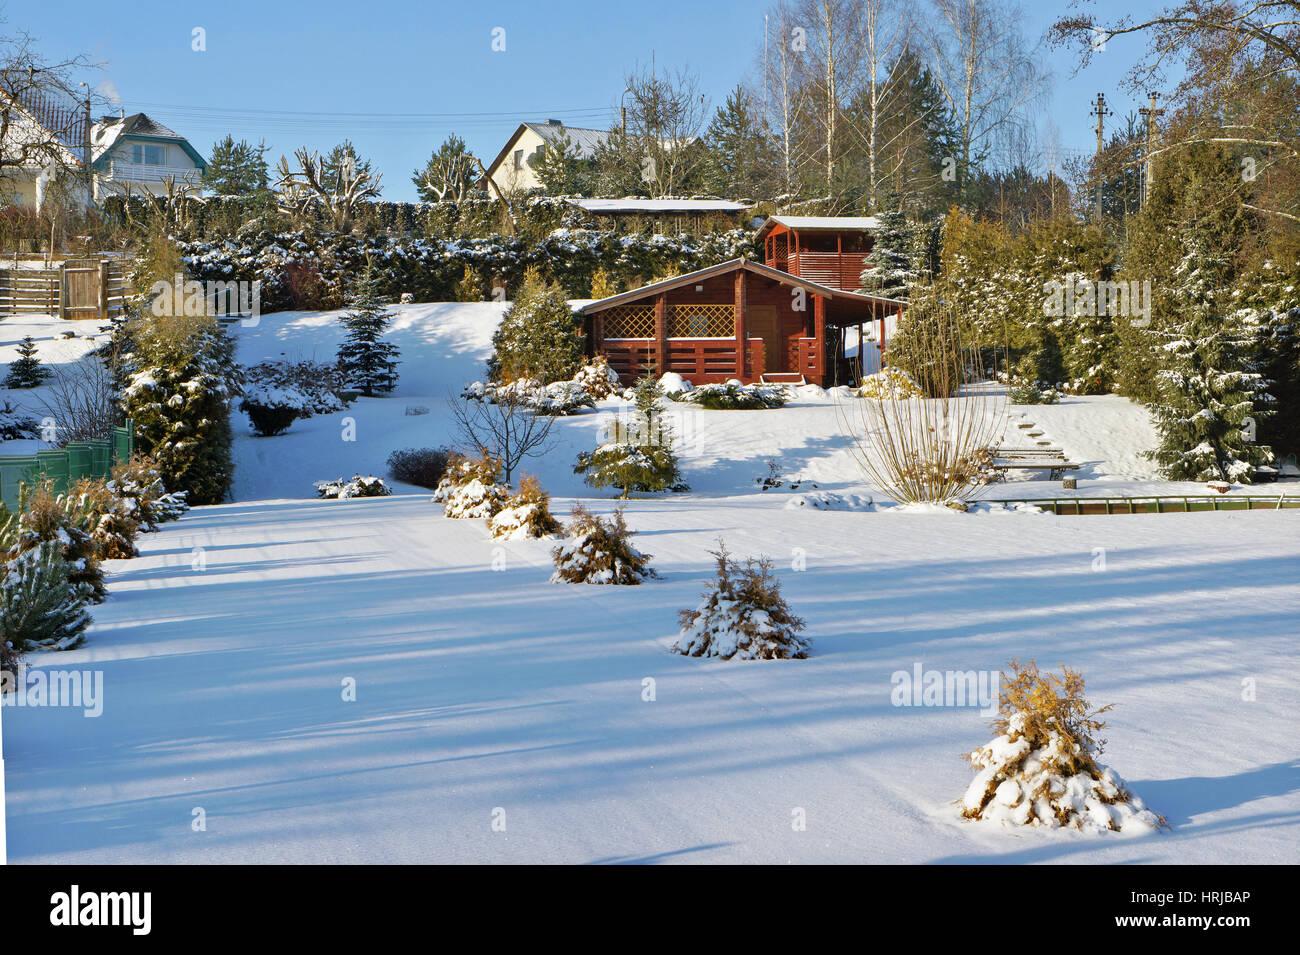 Holzer Wintergarten hölzerne ländlichen no name in europäischen wintergarten zu